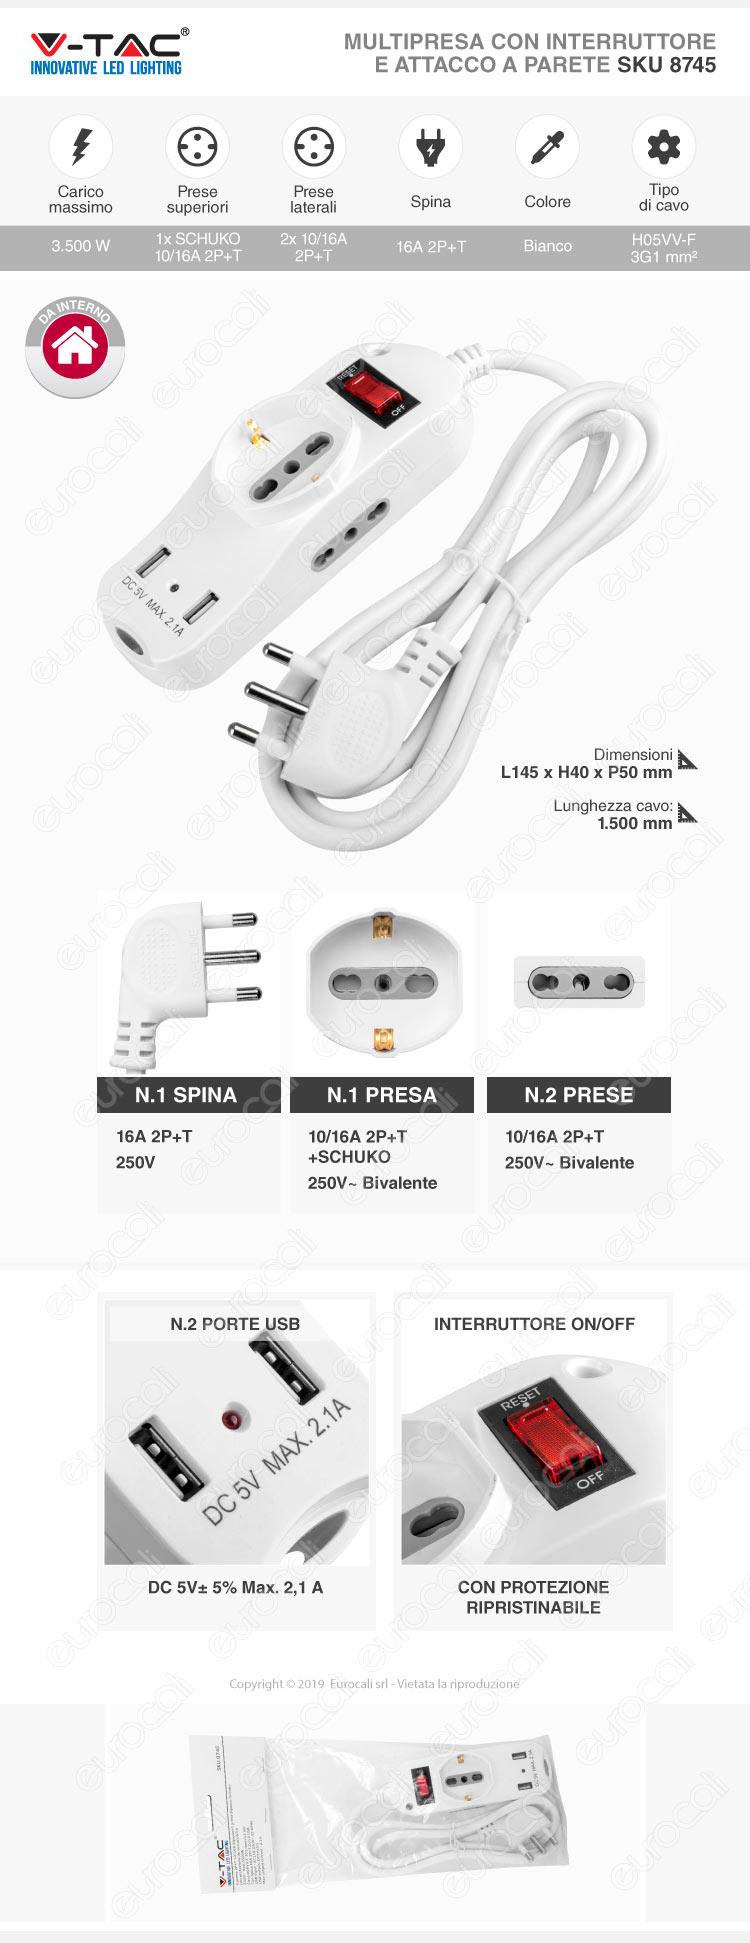 V-Tac Multipresa 3 Posti e 2 Prese USB Colore Bianco con Protezione Ripristinabile